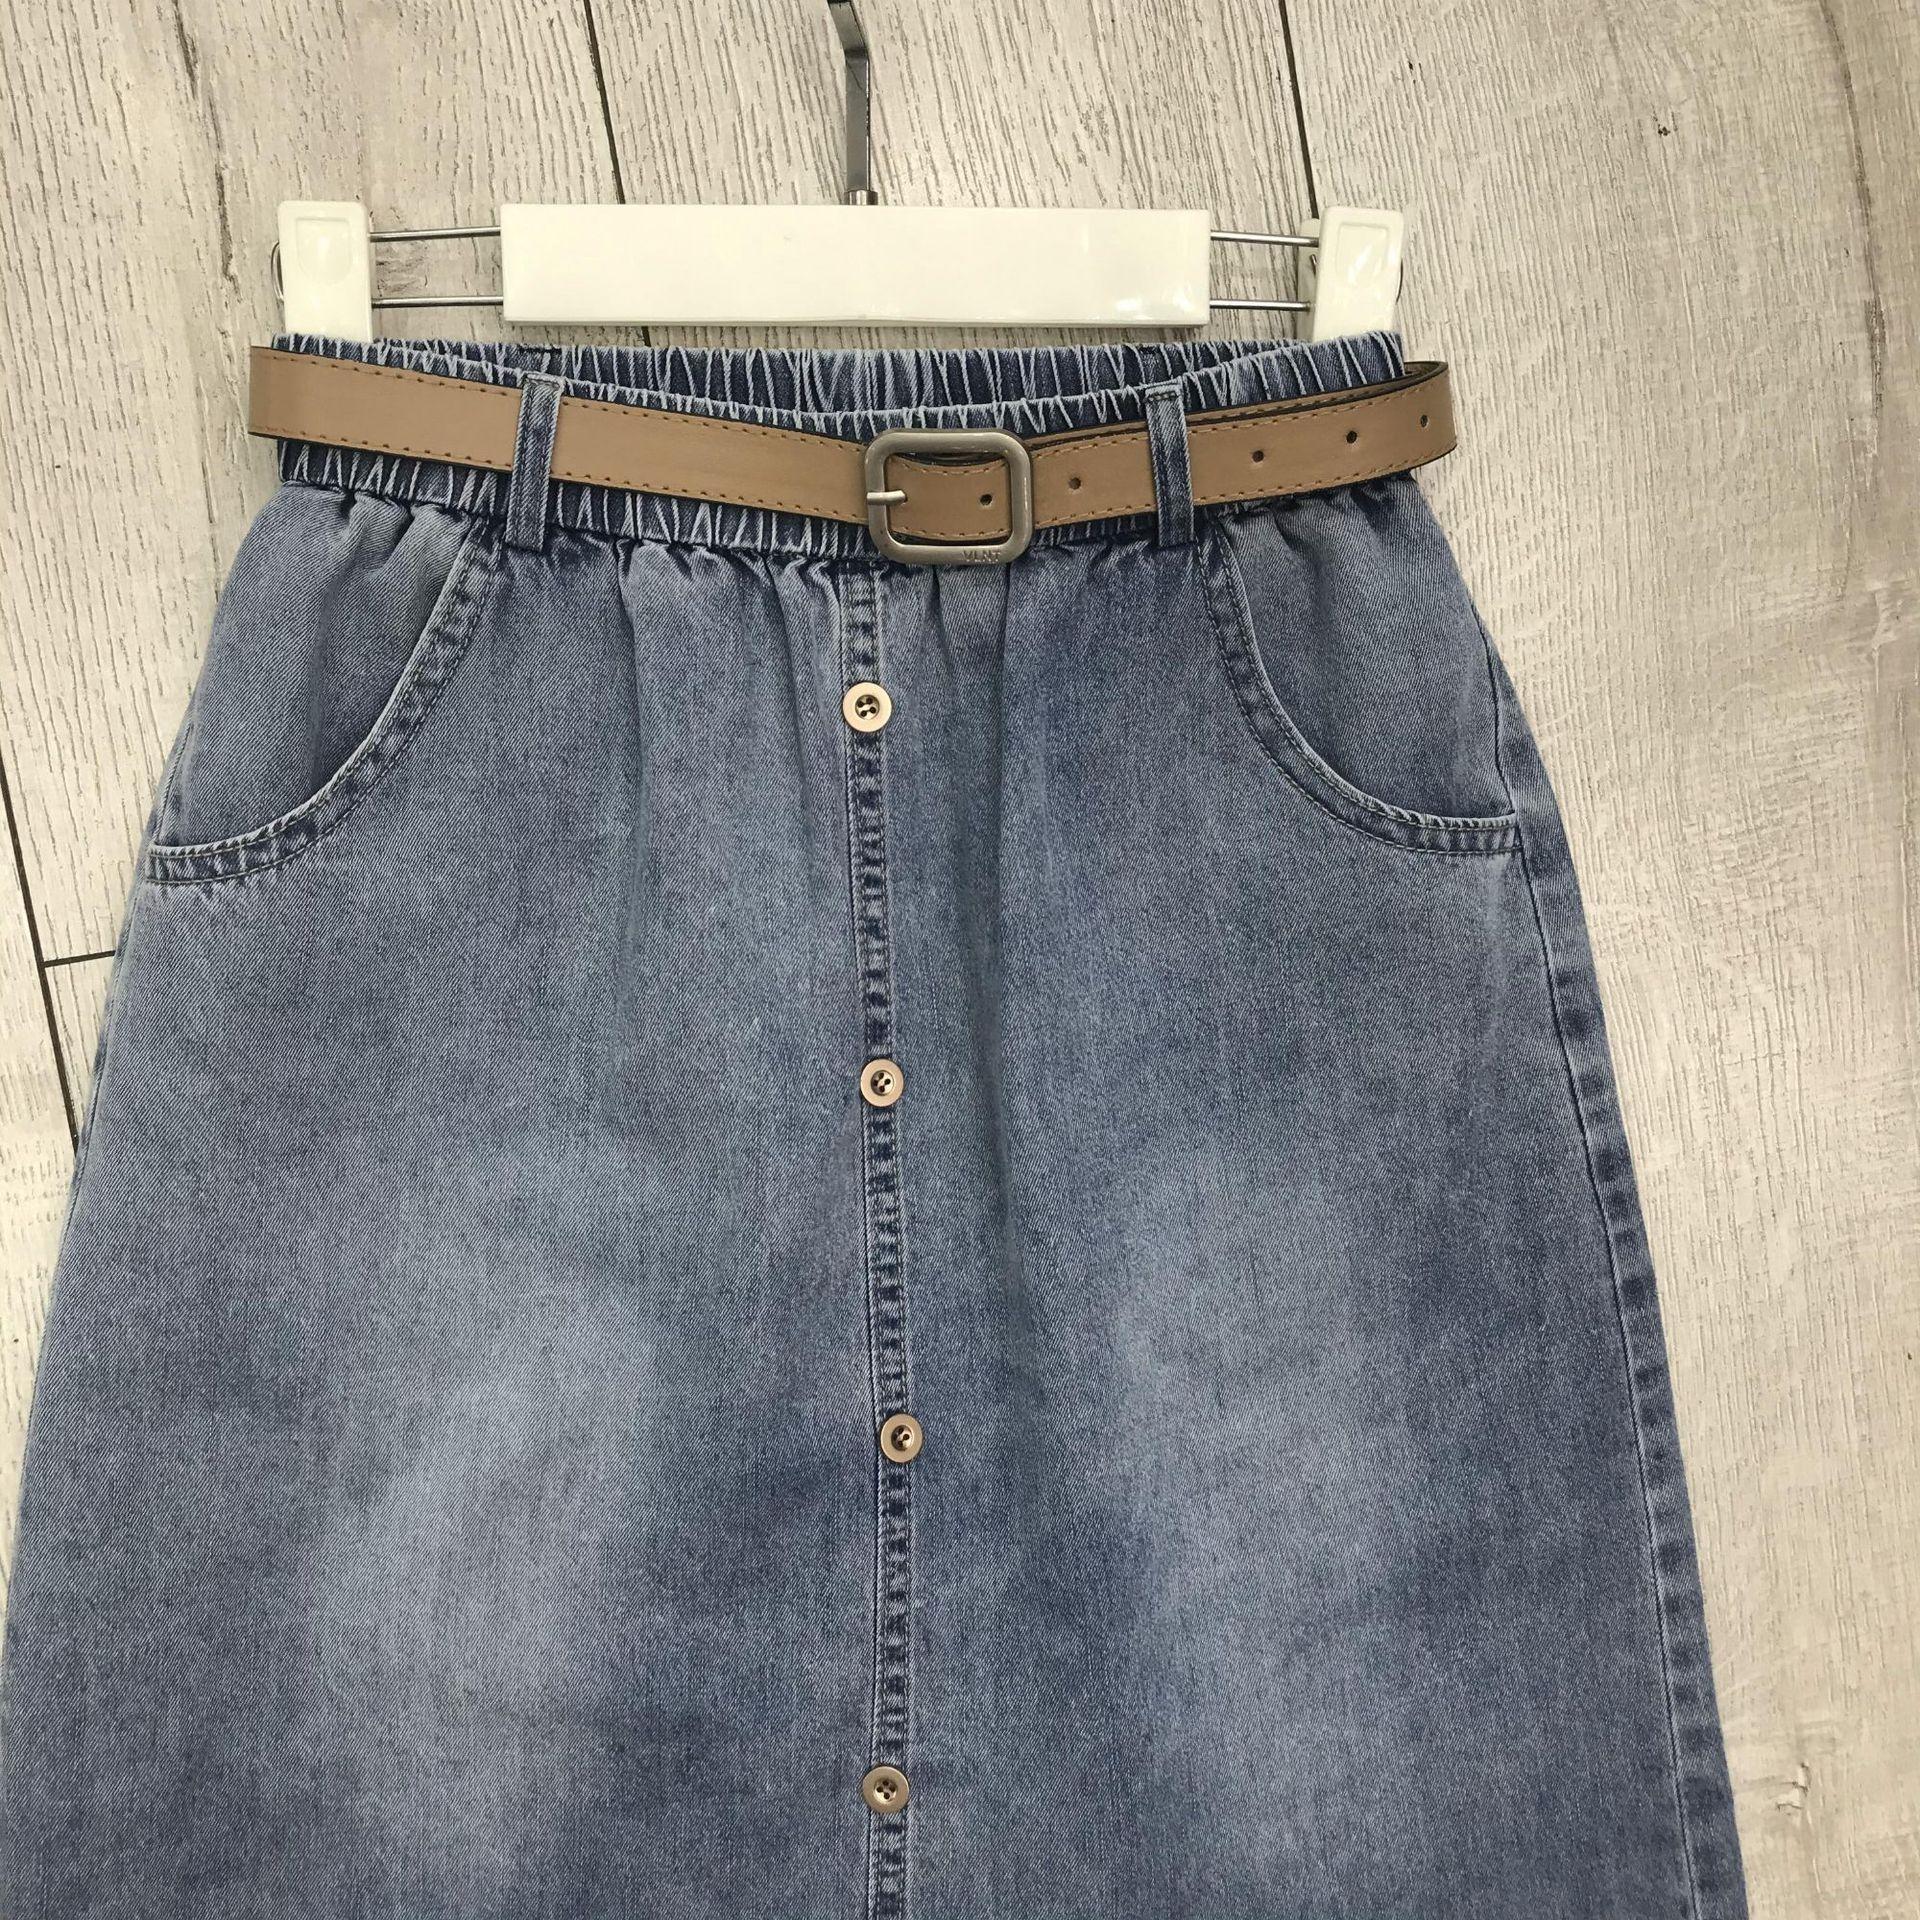 8xoyS hdbls 2020 denim mince robe simple boutonnage robe d'été petite mode ligne A jupe nouvelle casual jupe en denim split minceur tout match